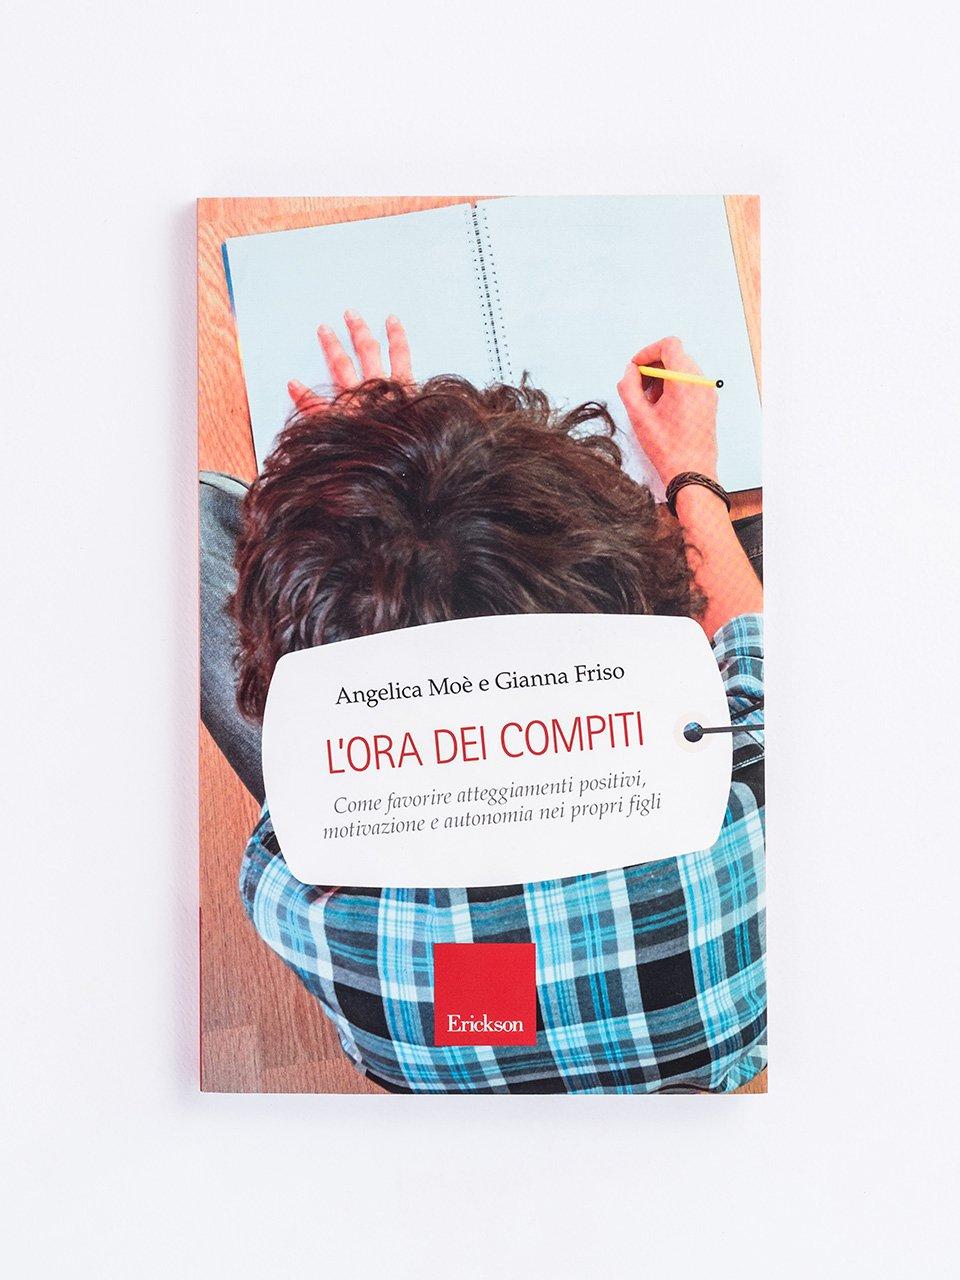 L'ora dei compiti - Storie di straordinaria dislessia - Libri - Erickson